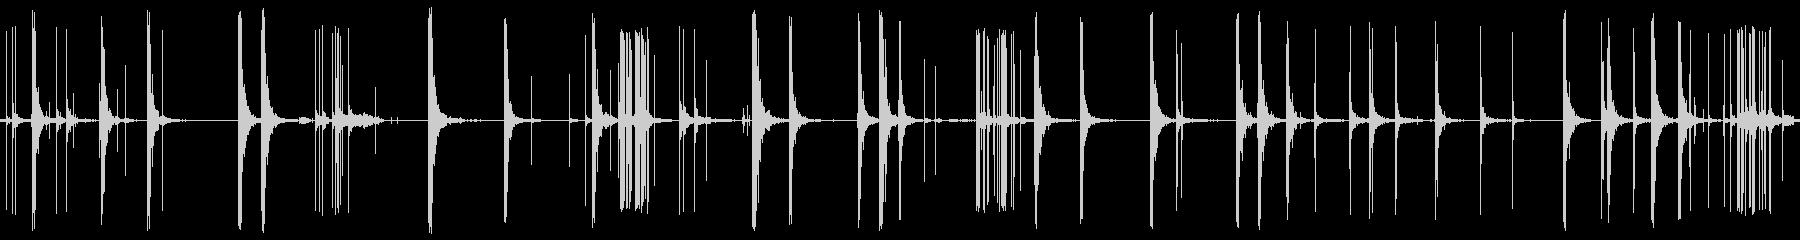 爆発花火打ち上げクロの未再生の波形